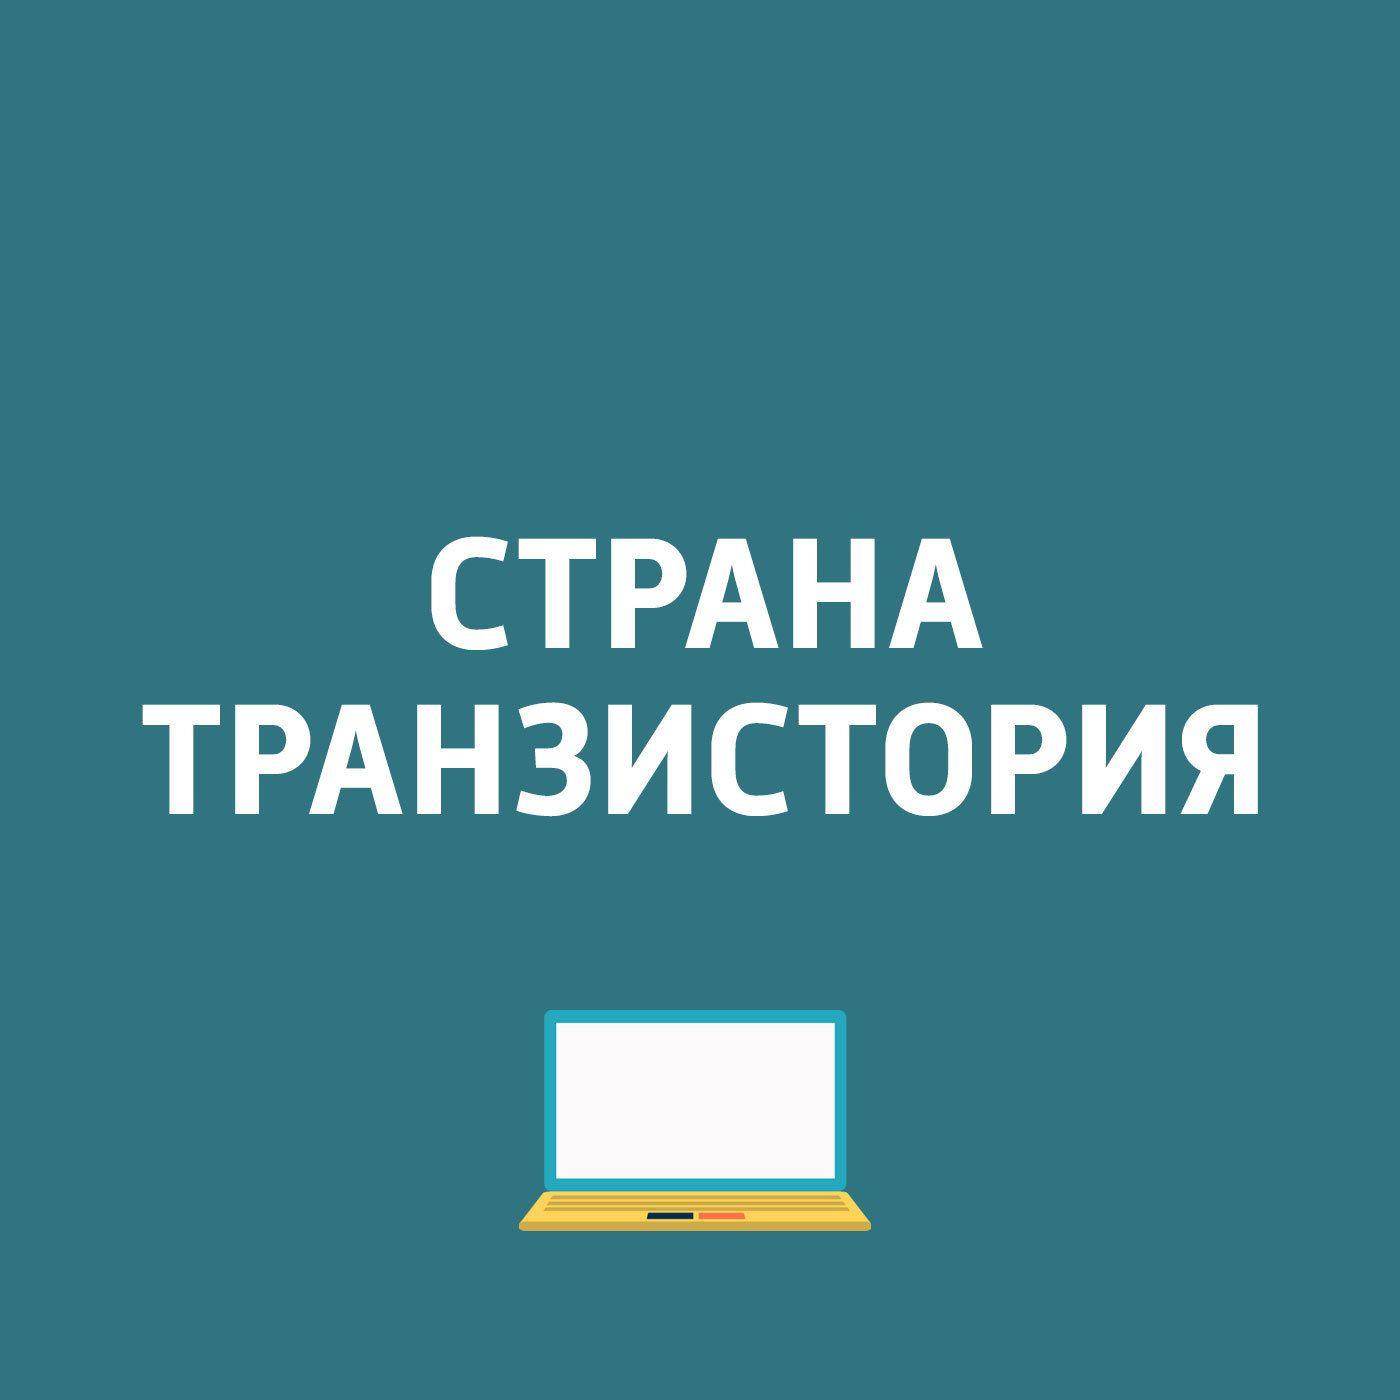 Фото - Картаев Павел О внешних дисках с подключением к интернету по WiFi; Старт продаж Nokia 1 Plus; Камера Rally mail ru group объявила о запуске нового мессенджера tamtam